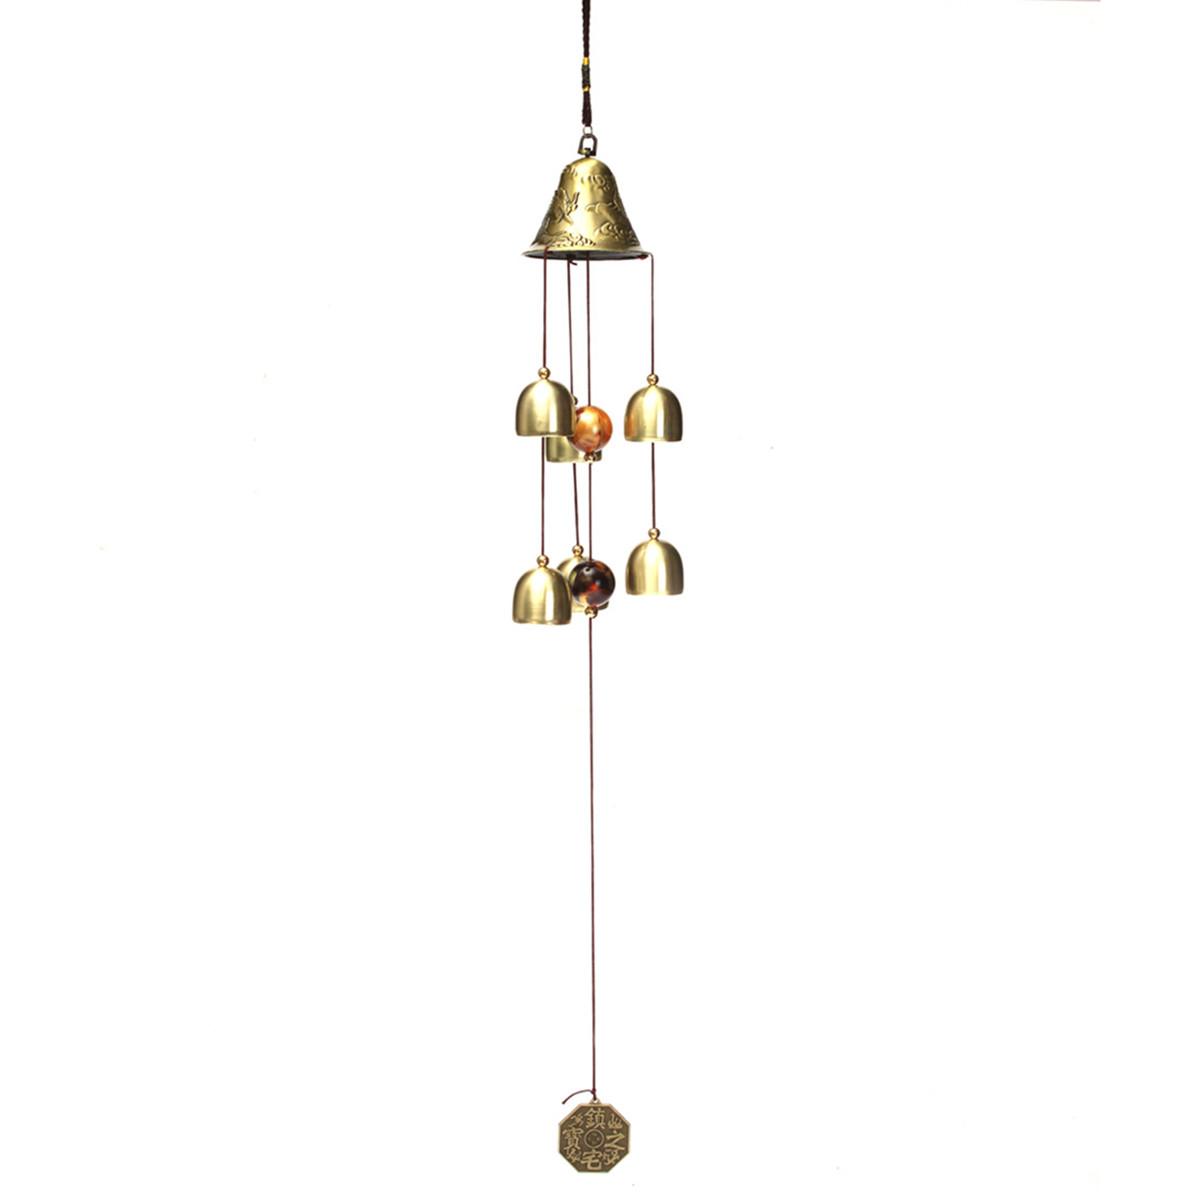 klangspiel 6 glocke 60cm windspiel messing metall feng. Black Bedroom Furniture Sets. Home Design Ideas